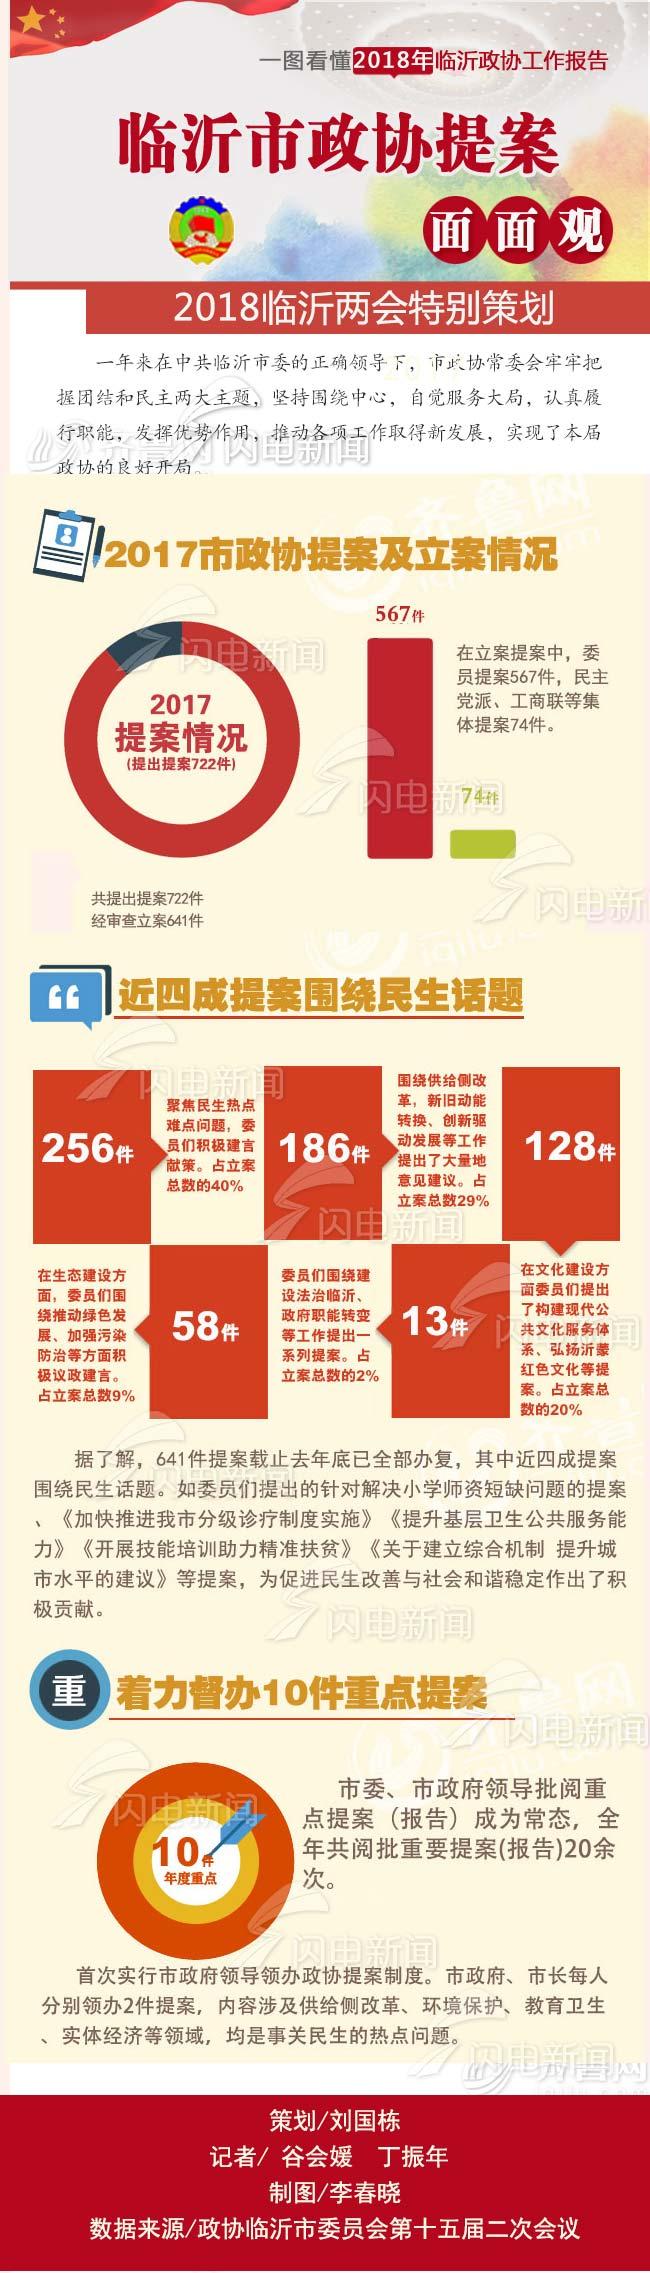 图解两会 | 2017年临沂市政协立案提案722件 近4成关注民生